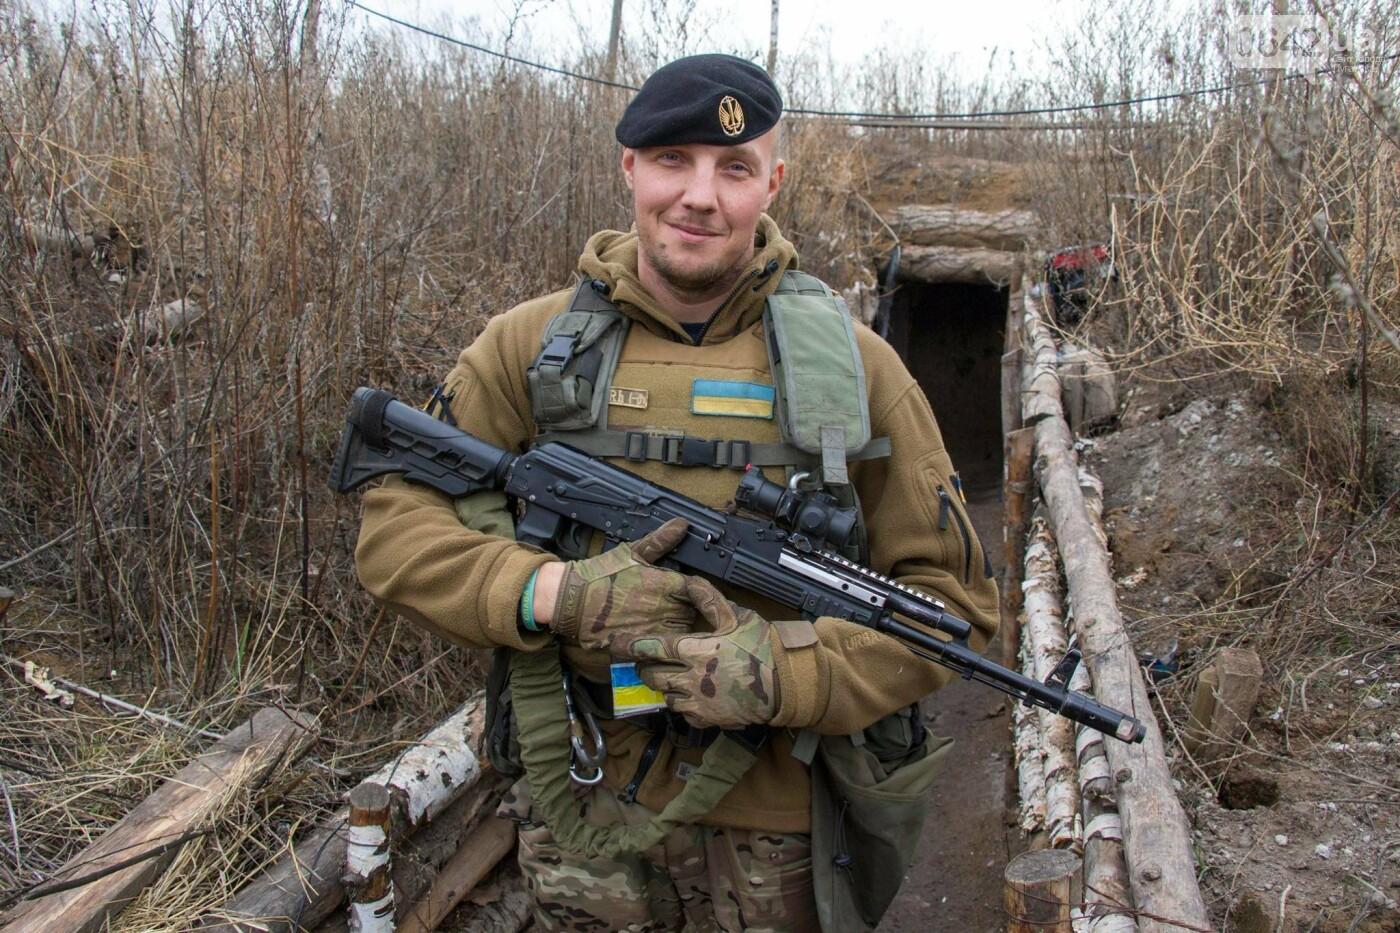 Первый нарушил «приказ не стрелять»: шесть лет назад украинский офицер открыл огонь по диверсантам ФСБ на Донбассе, фото-1